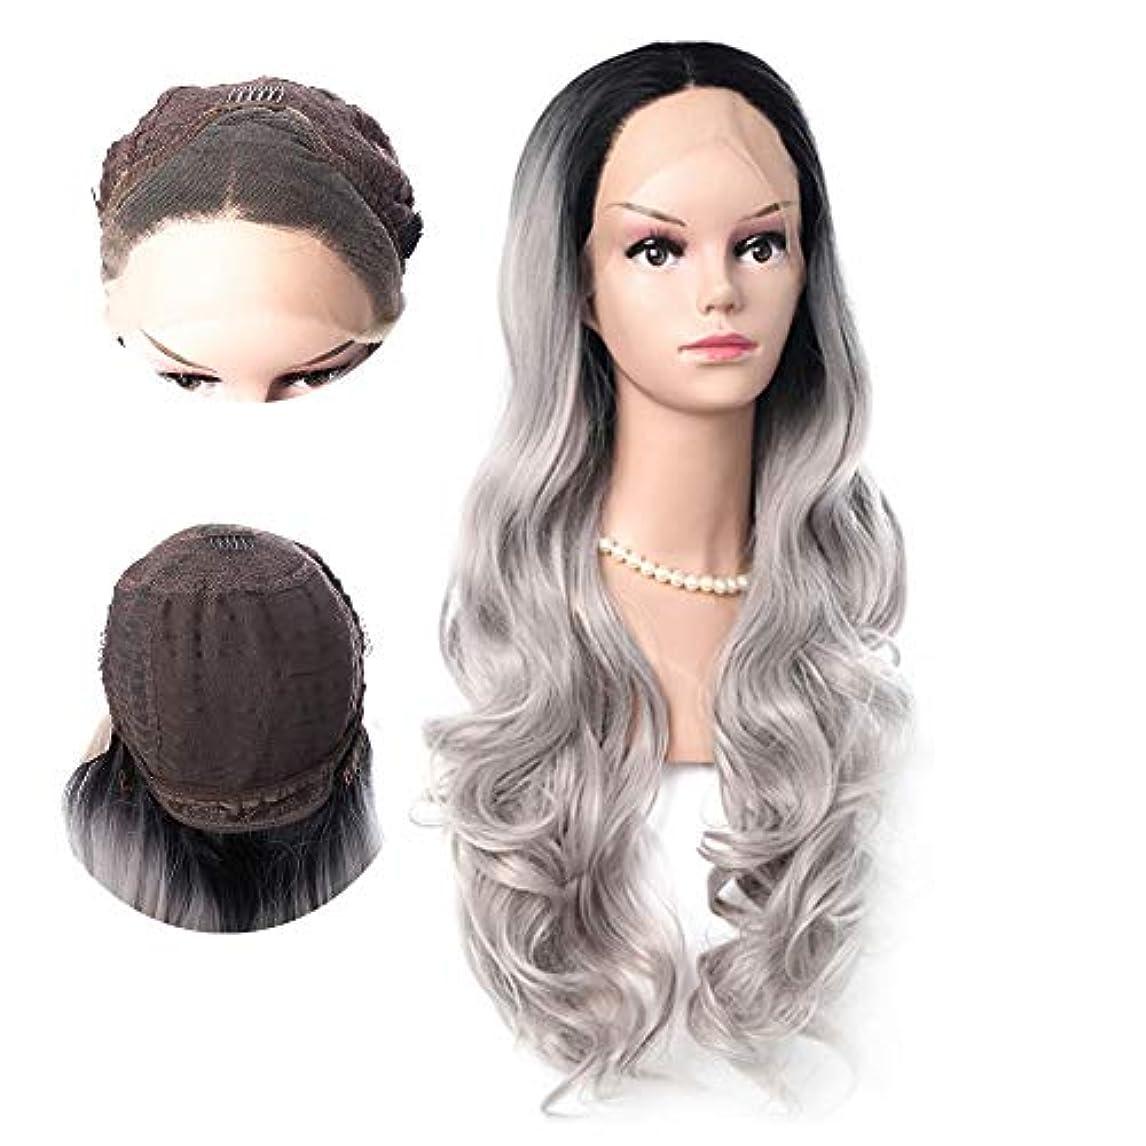 雰囲気名前食べるWASAIO 女性の長い巻き毛のかつらは、黒髪の自然な波状のオンブルレースフロントかつらを植えた (色 : グレー)